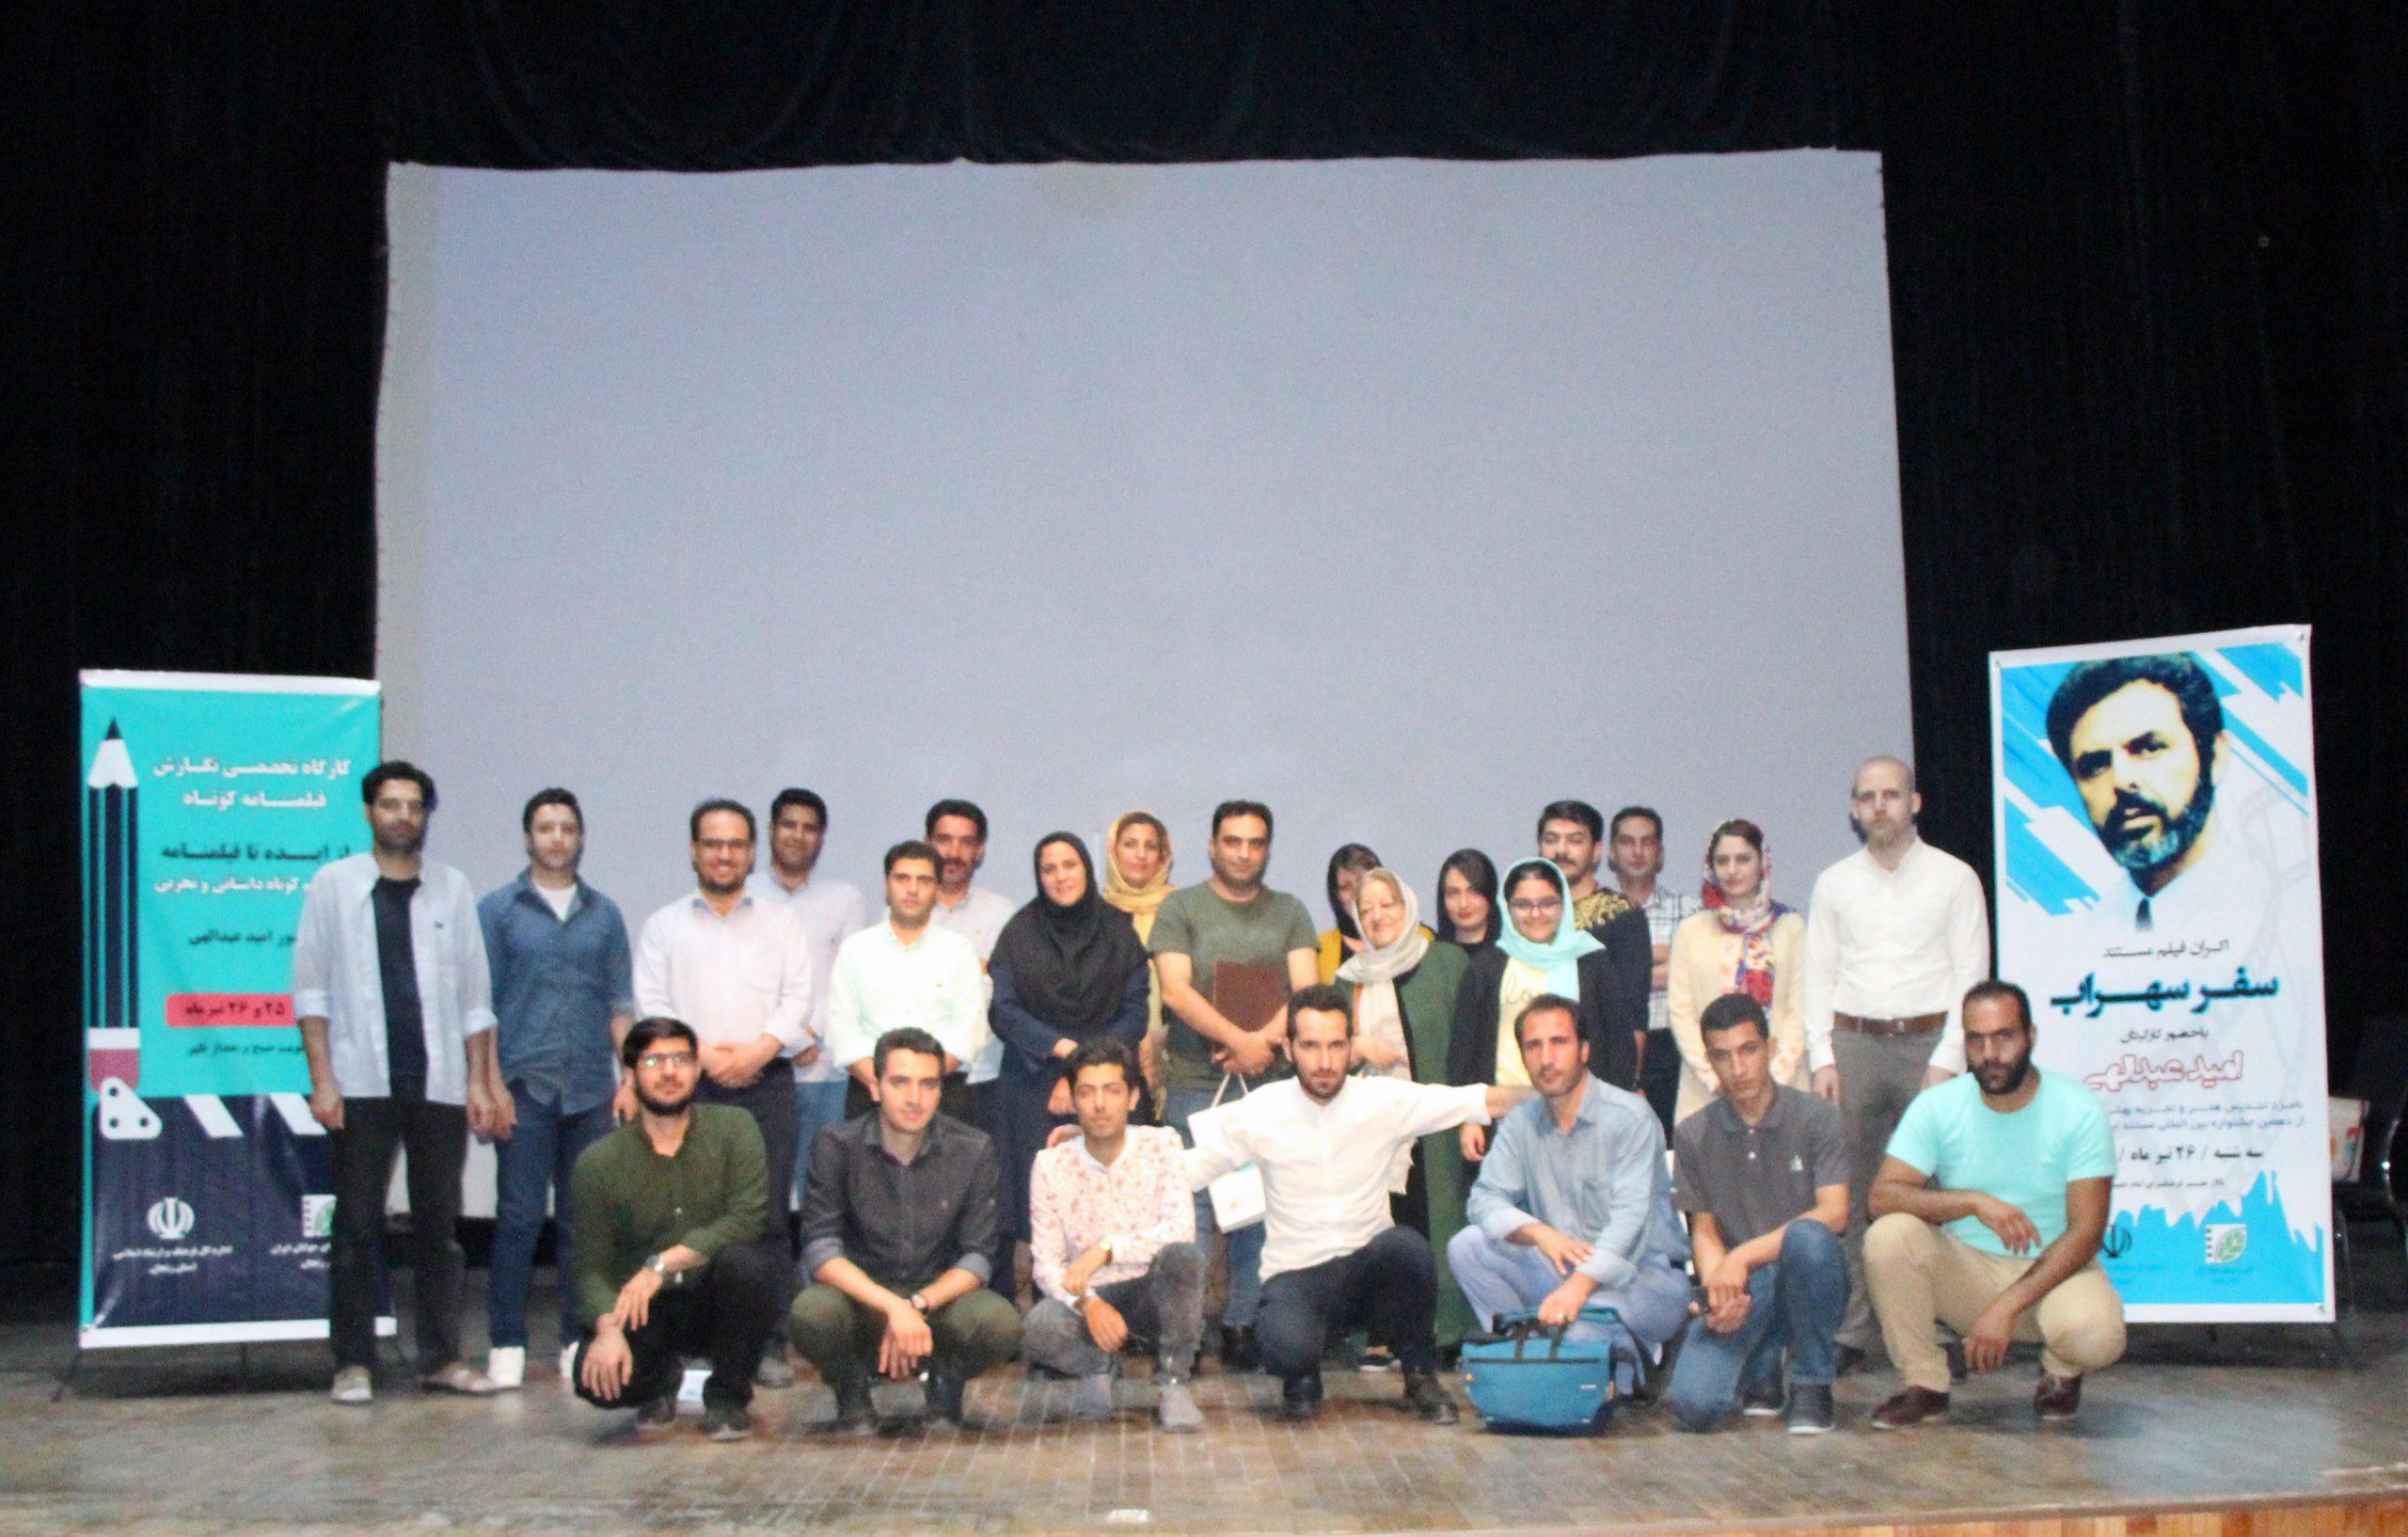 نمایش مستند «سفر سهراب» در زنجان